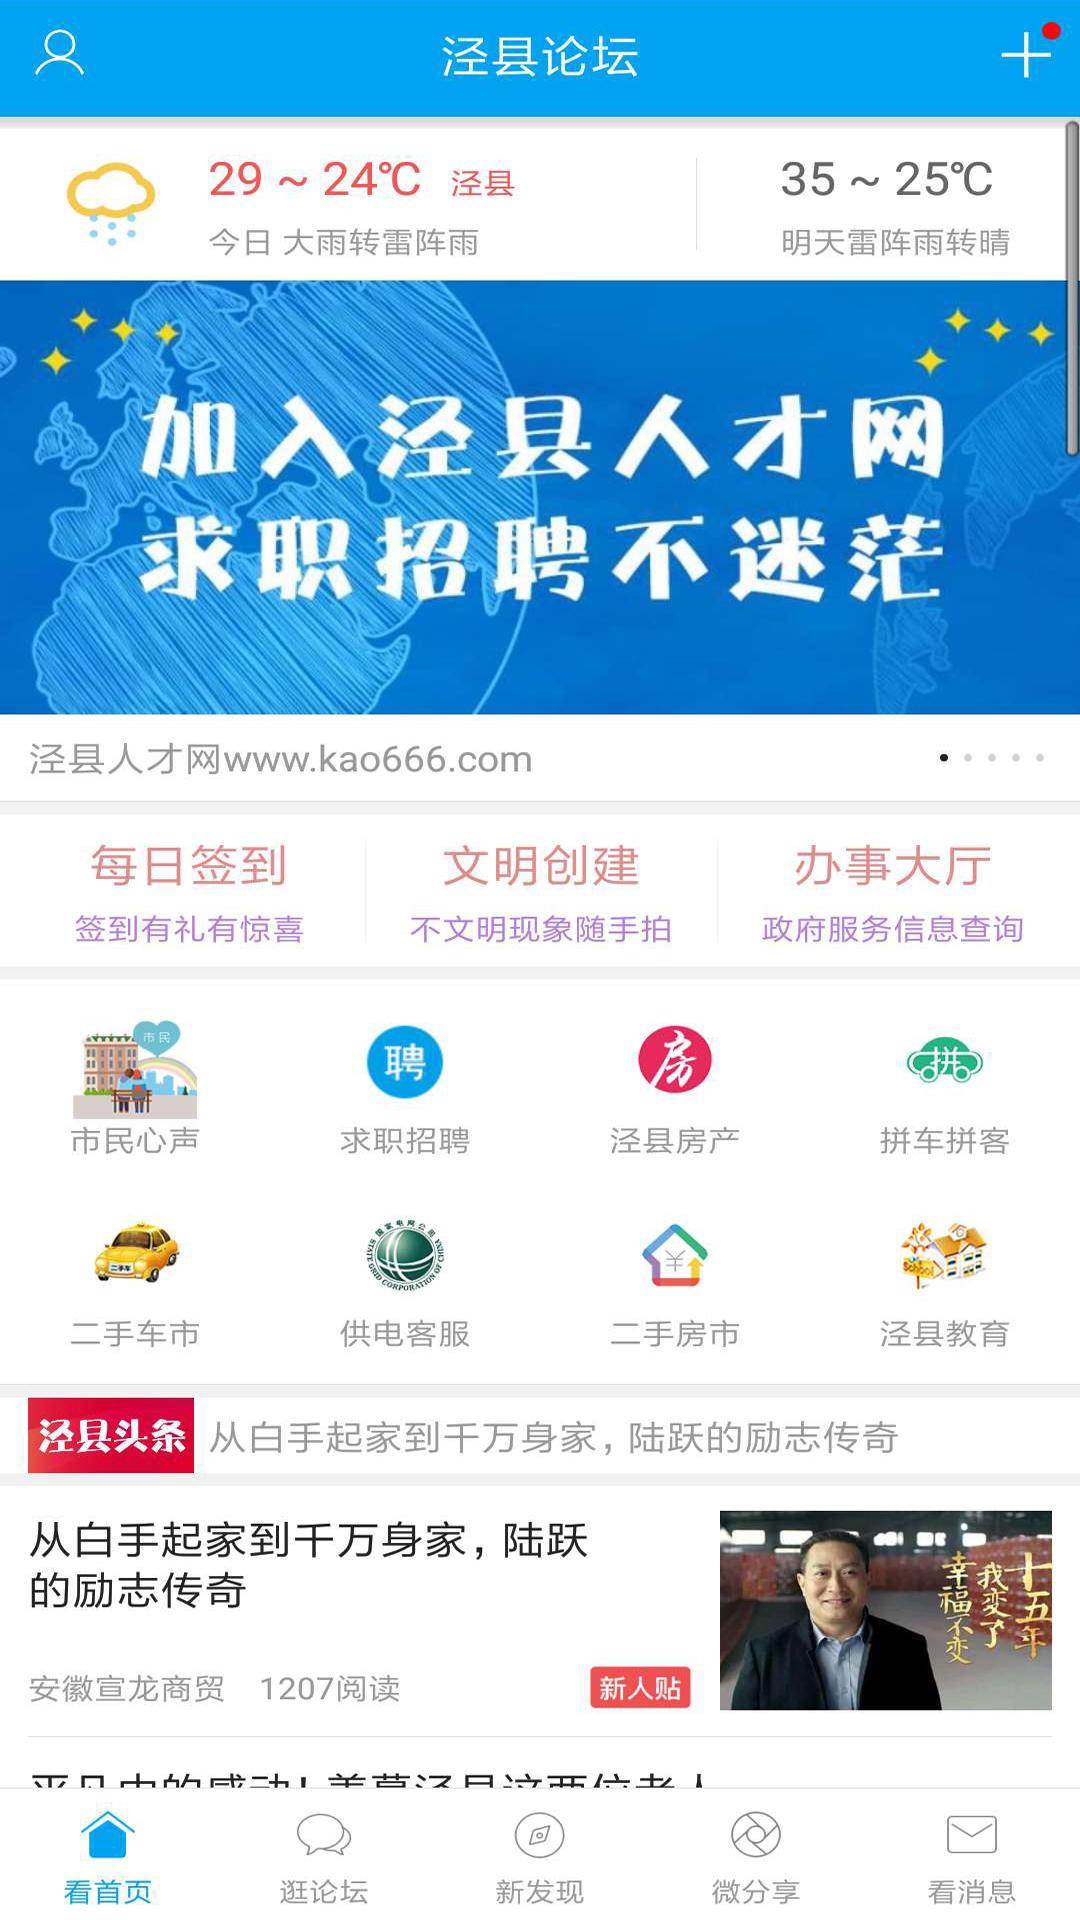 泾县论坛截图(1)